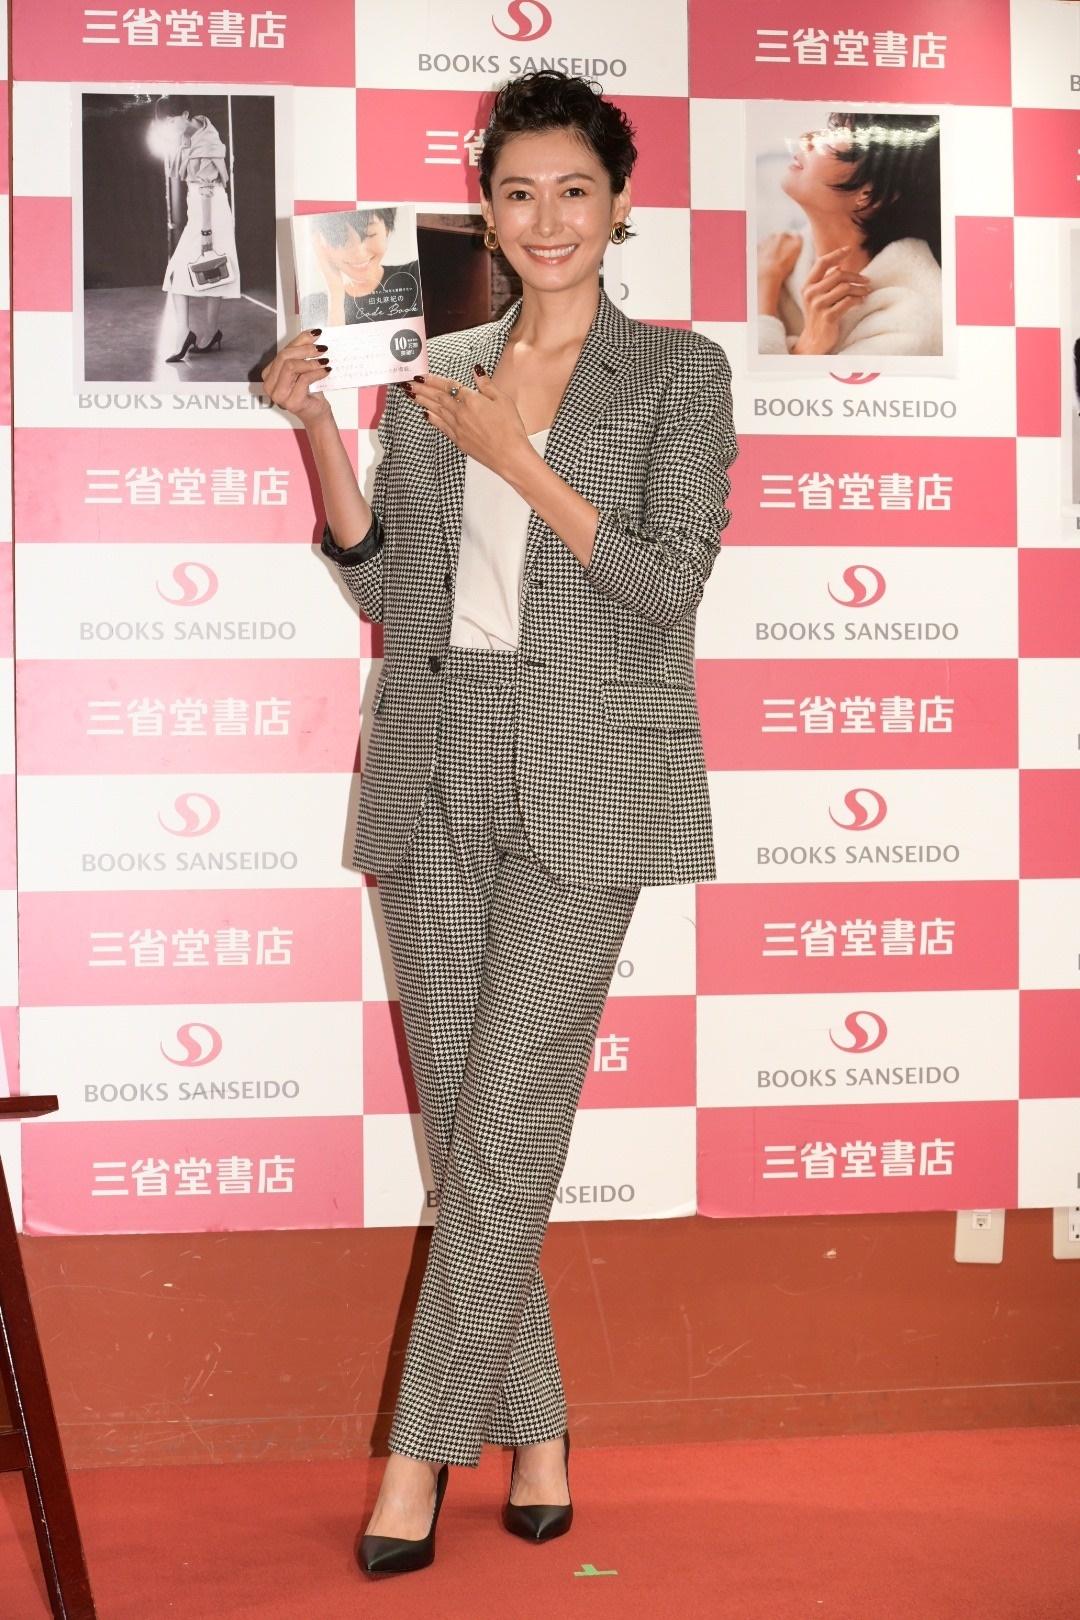 田丸麻紀/コーデブック『何通りも着たい、何年も着続けたい 田丸麻紀のCode Book』出版記念イベント(2019年9月4日)